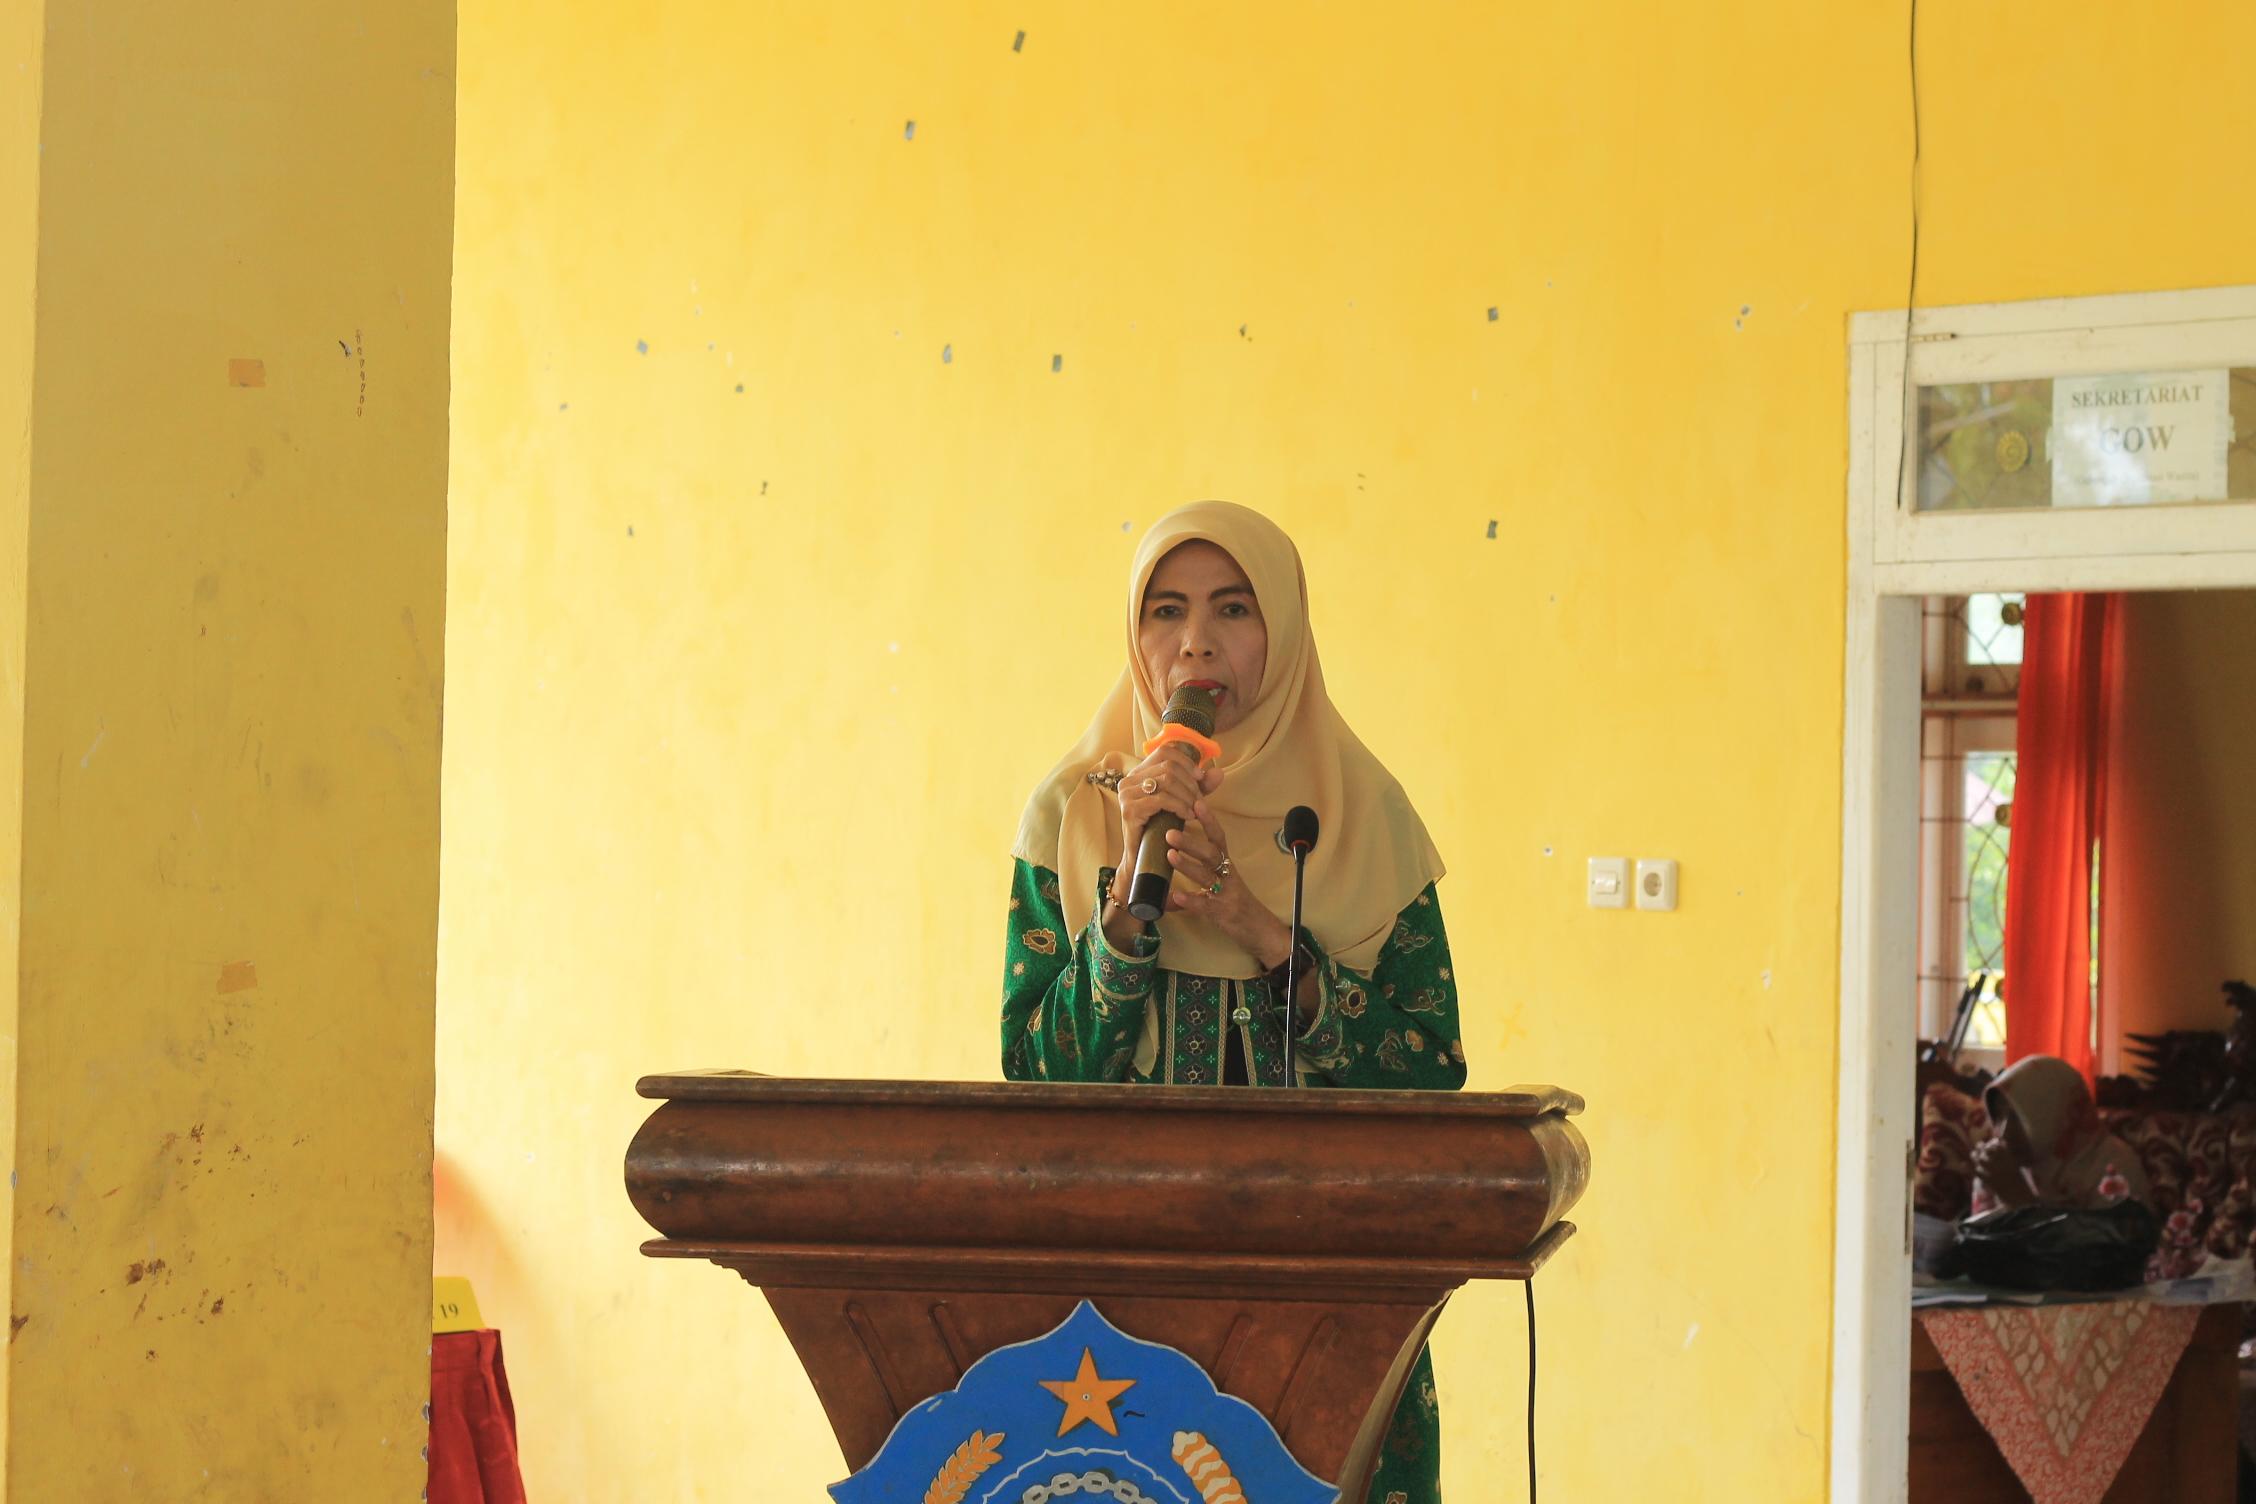 Tingkatkan Kreatifitas Berkreasi, PKK Kabupaten Bengkulu Utara Gelar Lomba Ukir Buah dan Sayur